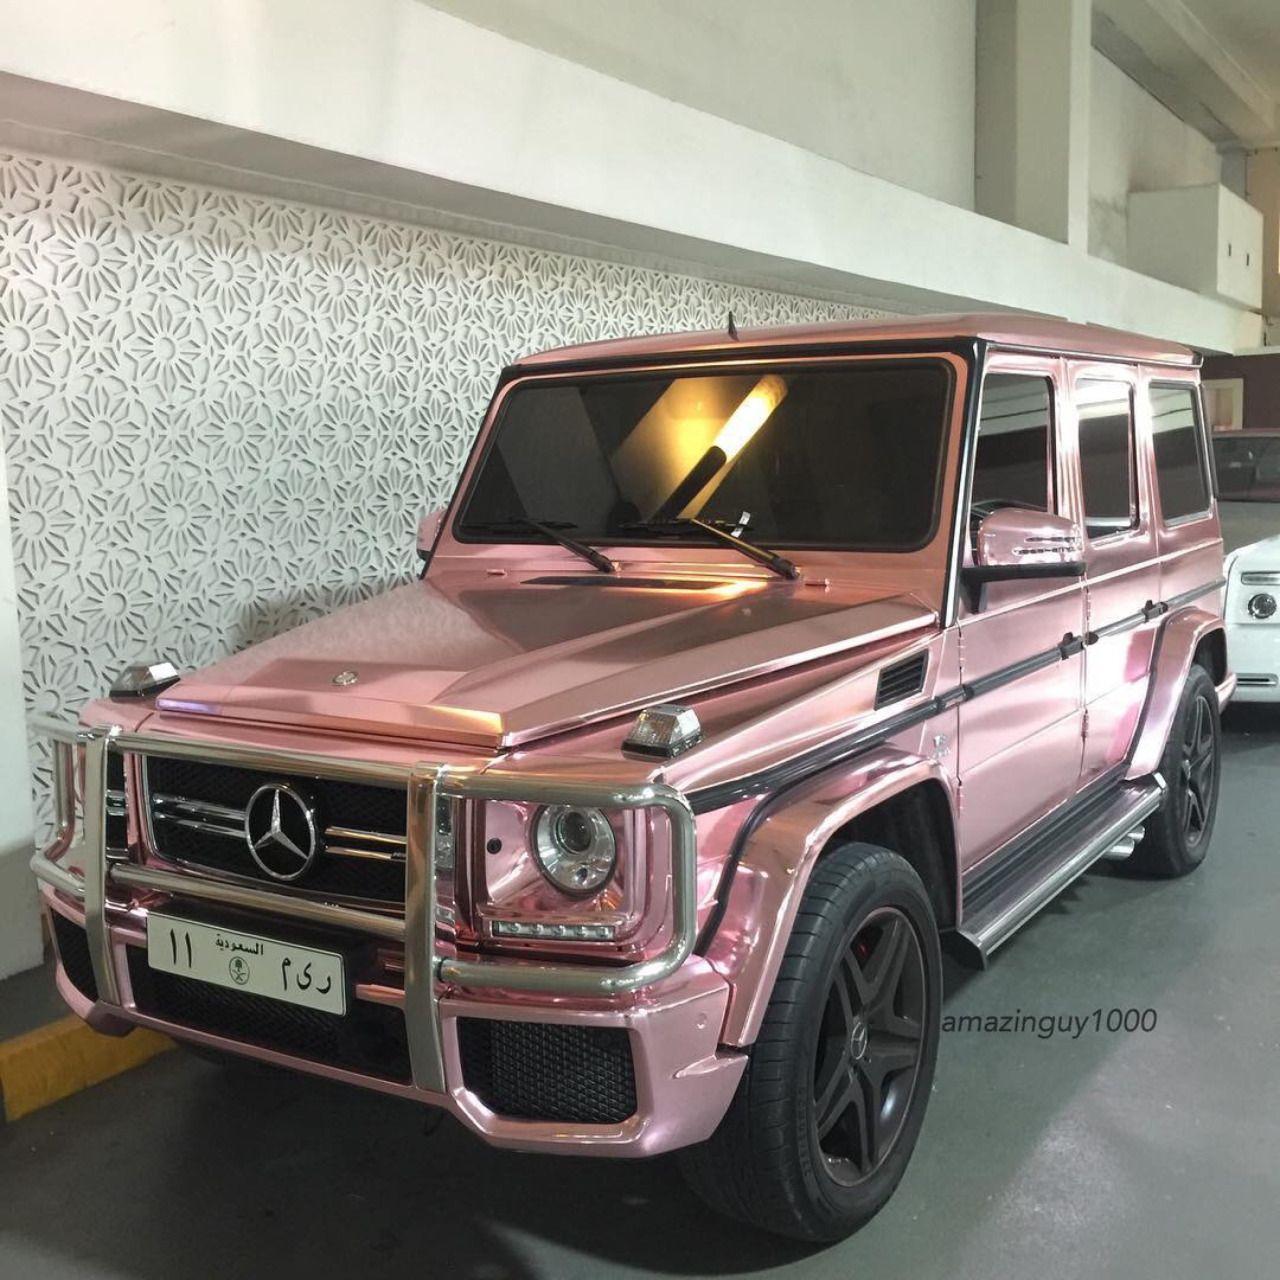 Used Luxury Cars, Best Used Luxury Cars